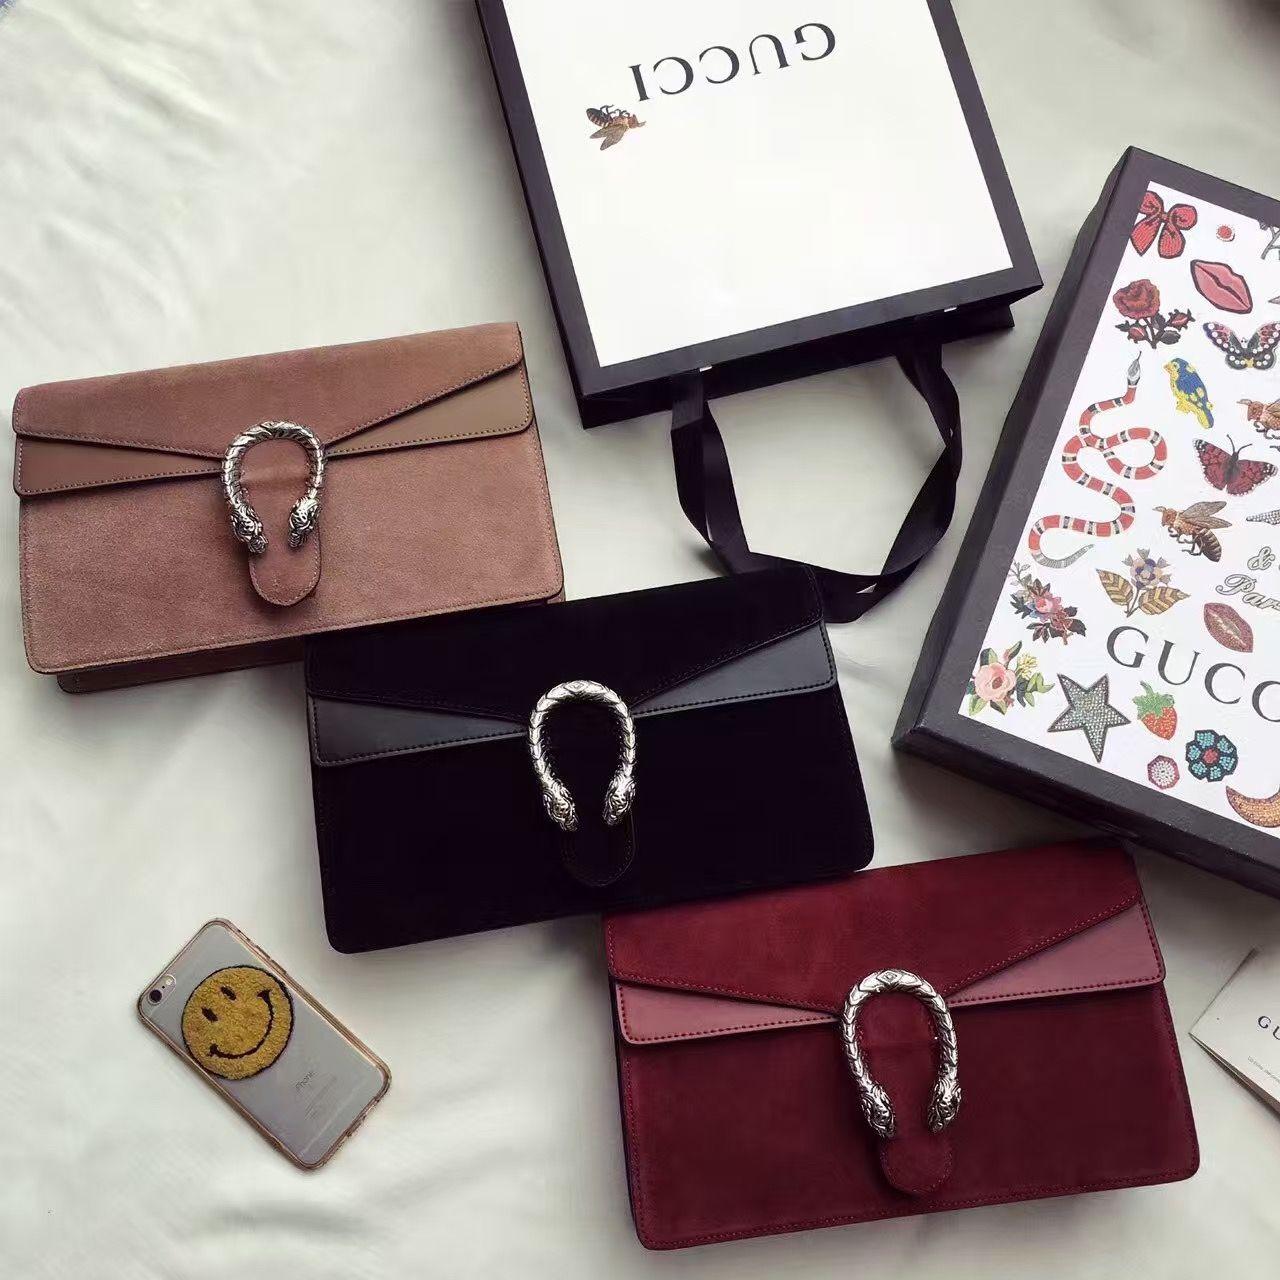 5b553792d1a Gucci Dionysus Suede Clutch Bag 2016 Email  winnie shoescrazy.net ...